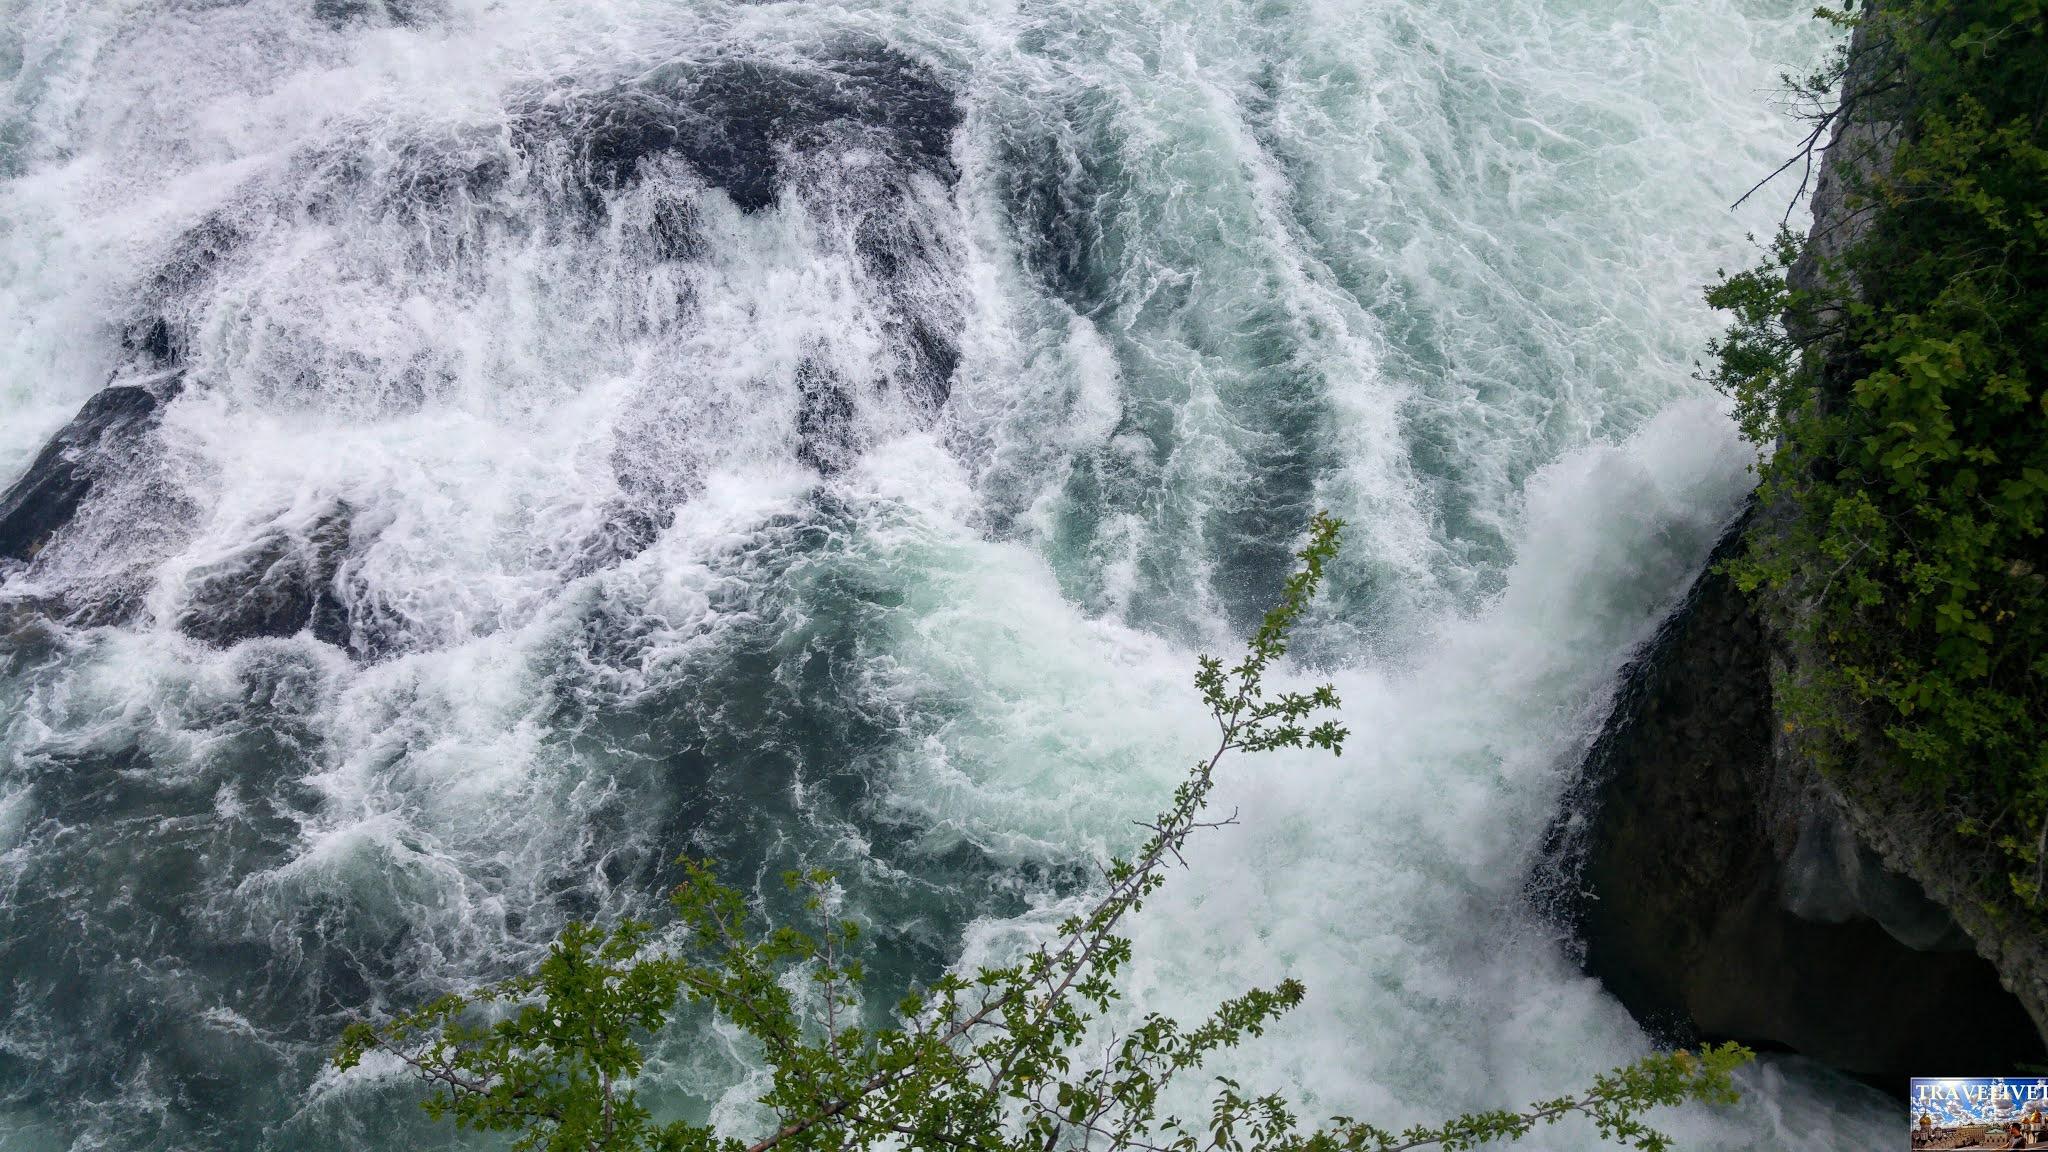 Visiter les chutes du Rhin Neuhausen en 1 journée pendant ton séjour